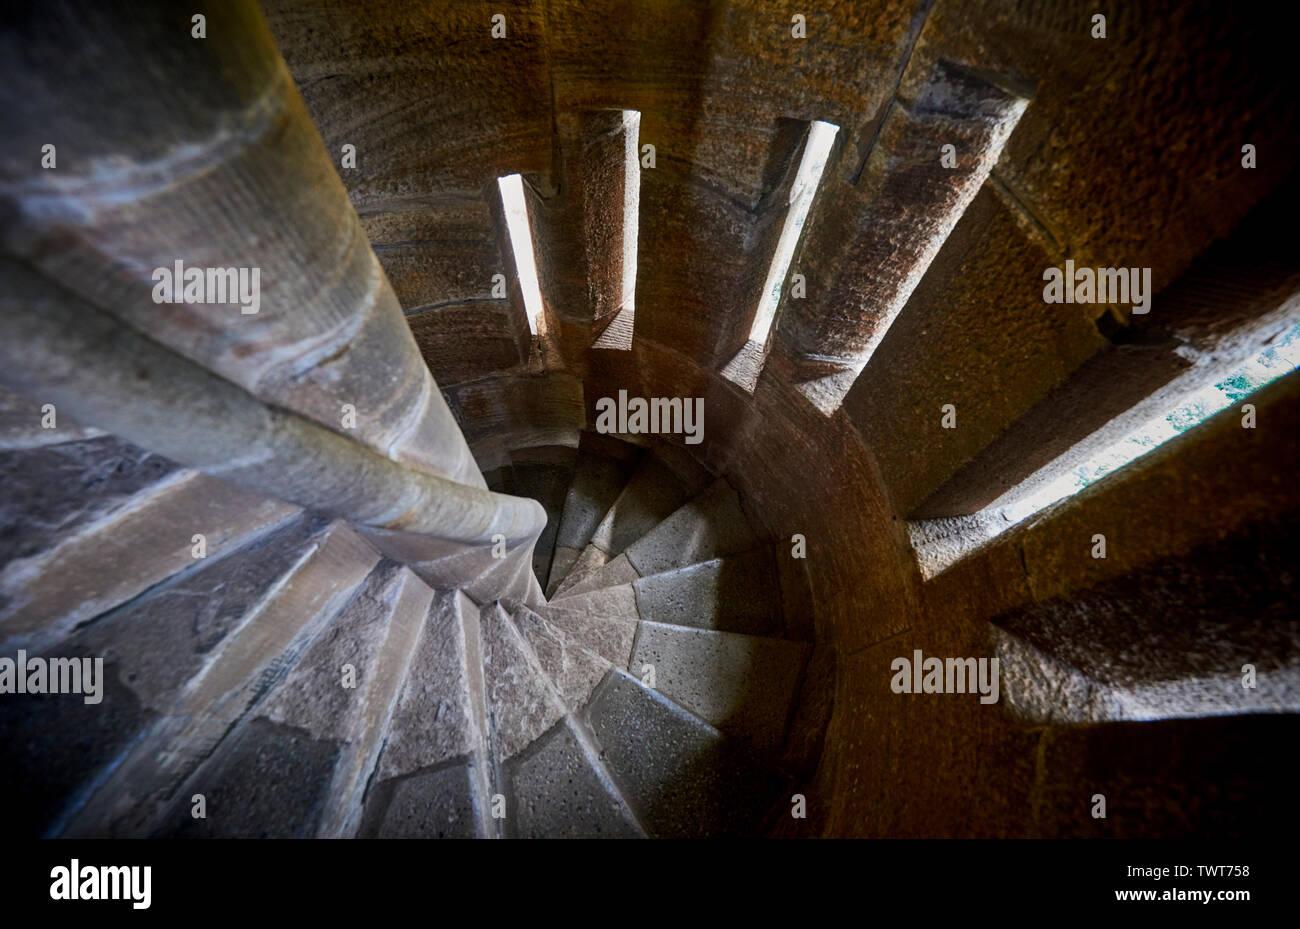 Stirling Schottland (scwm) Stockfoto